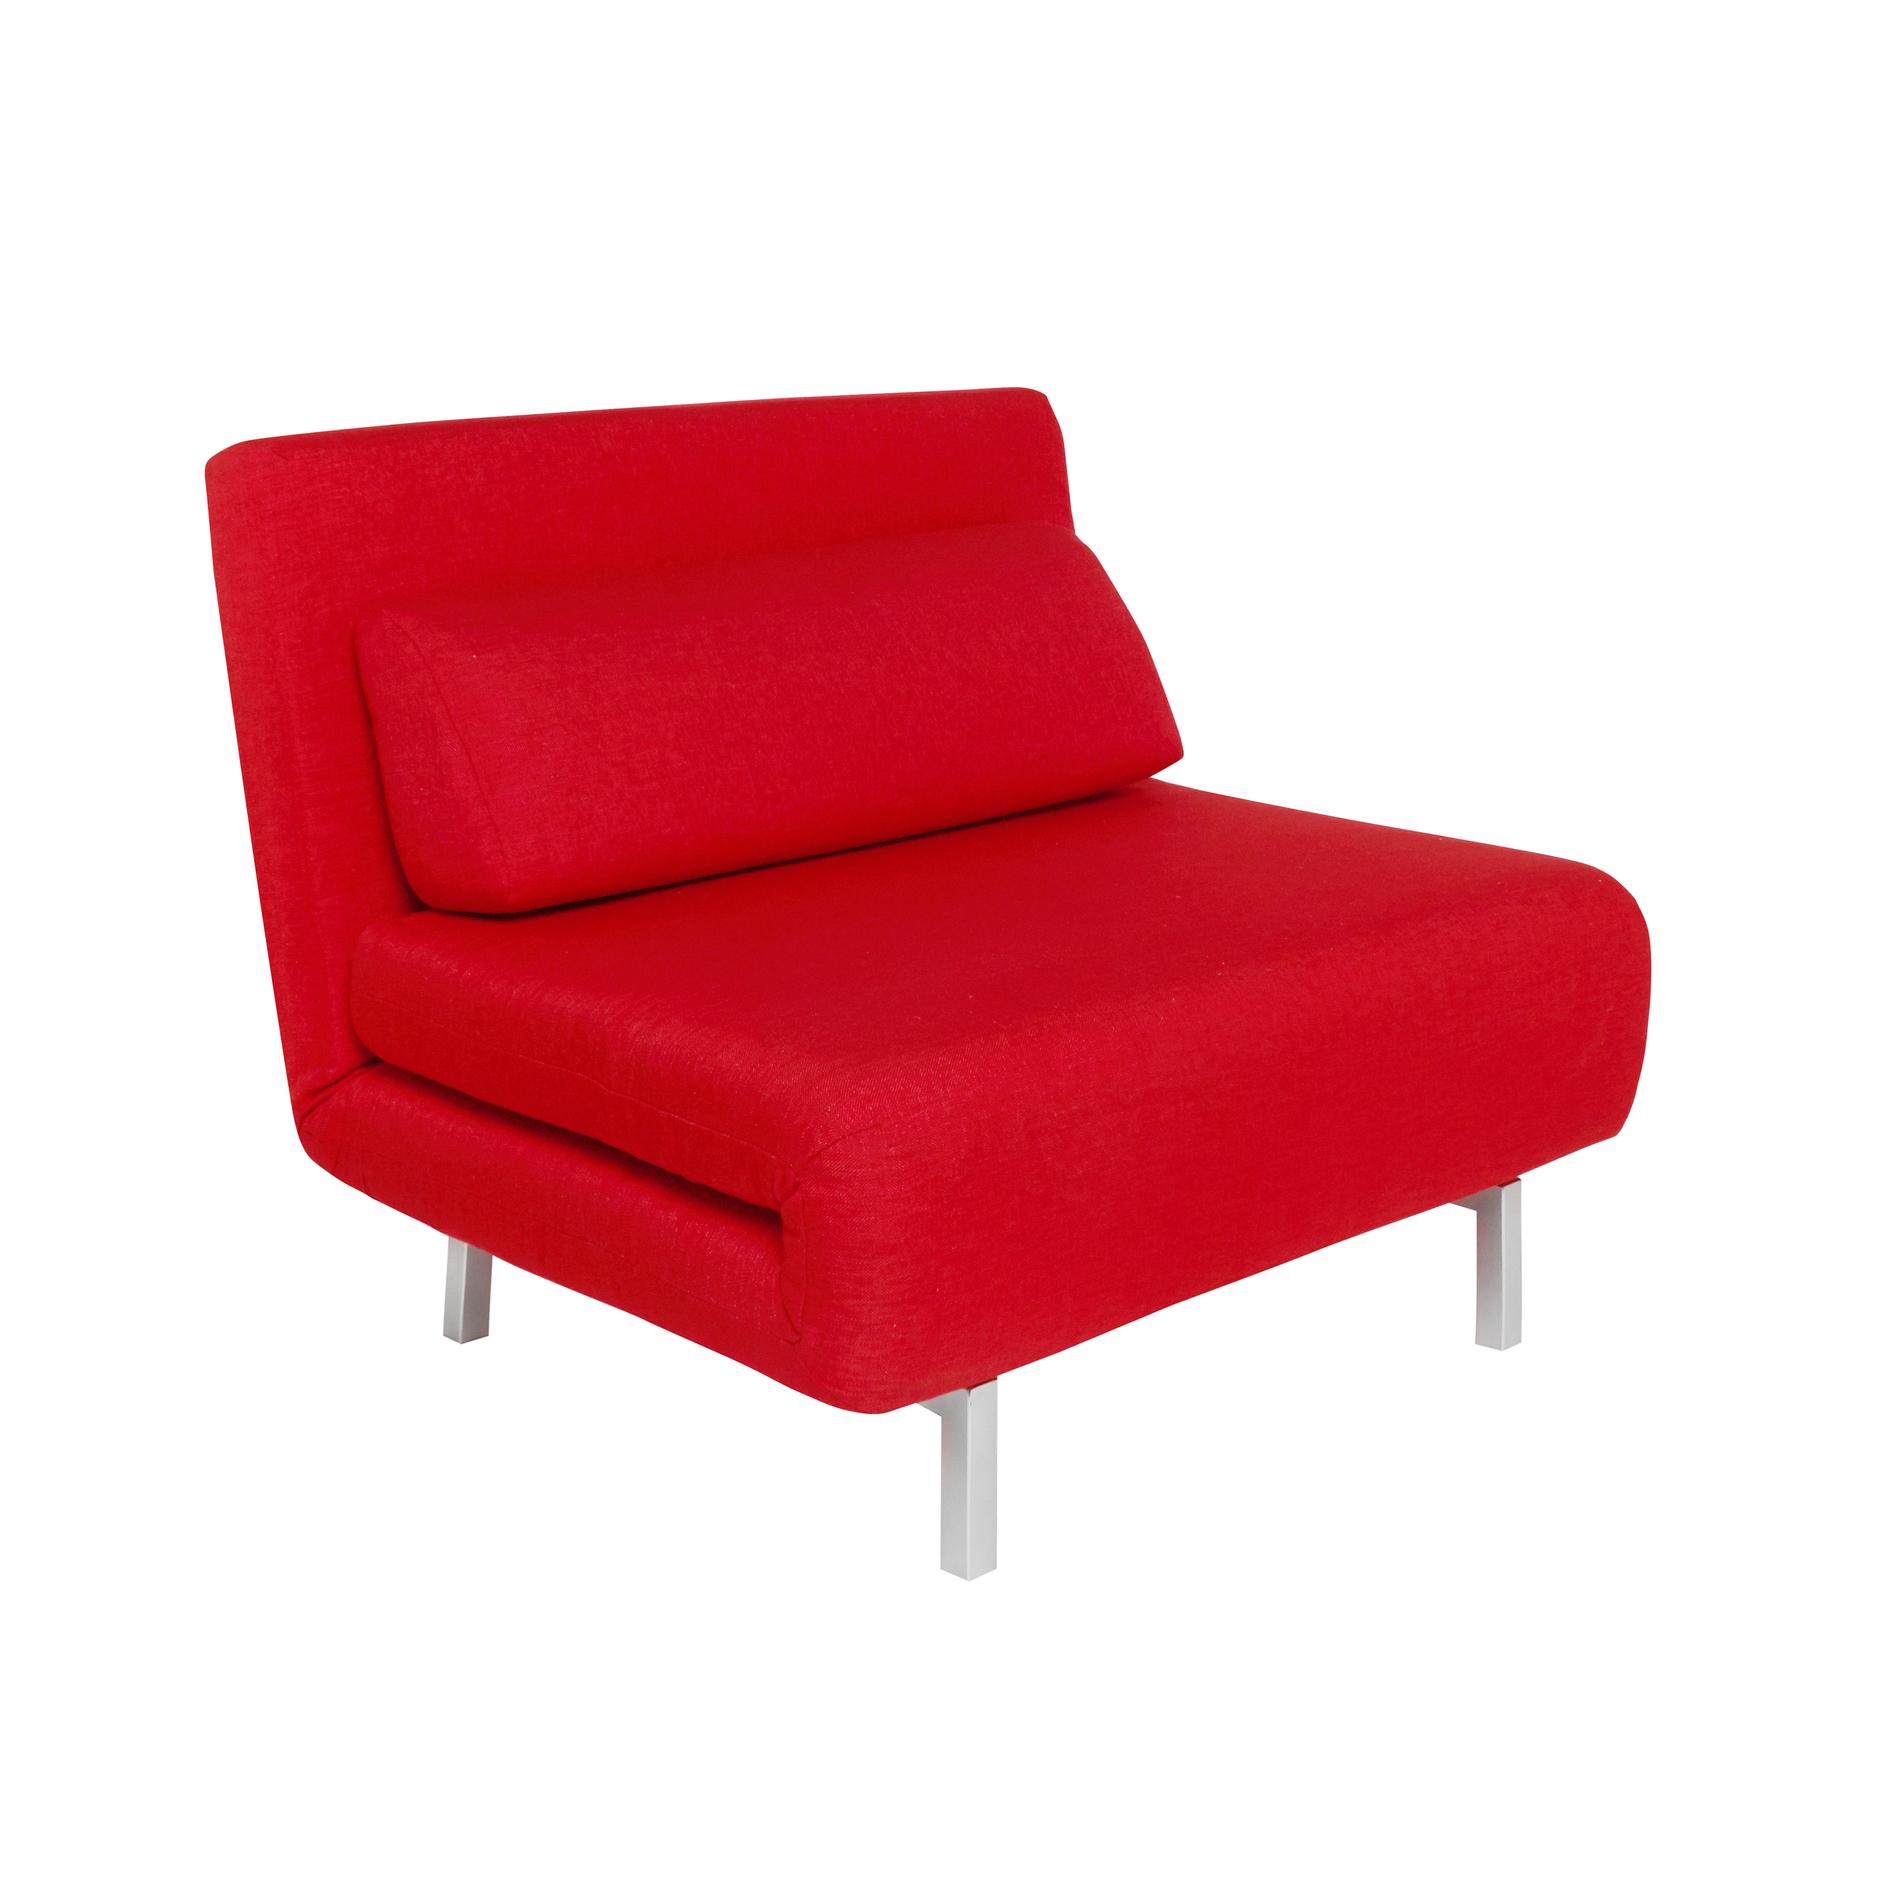 Poltrona letto red sofa coincasa - Poltrone e sofa poltrona letto ...